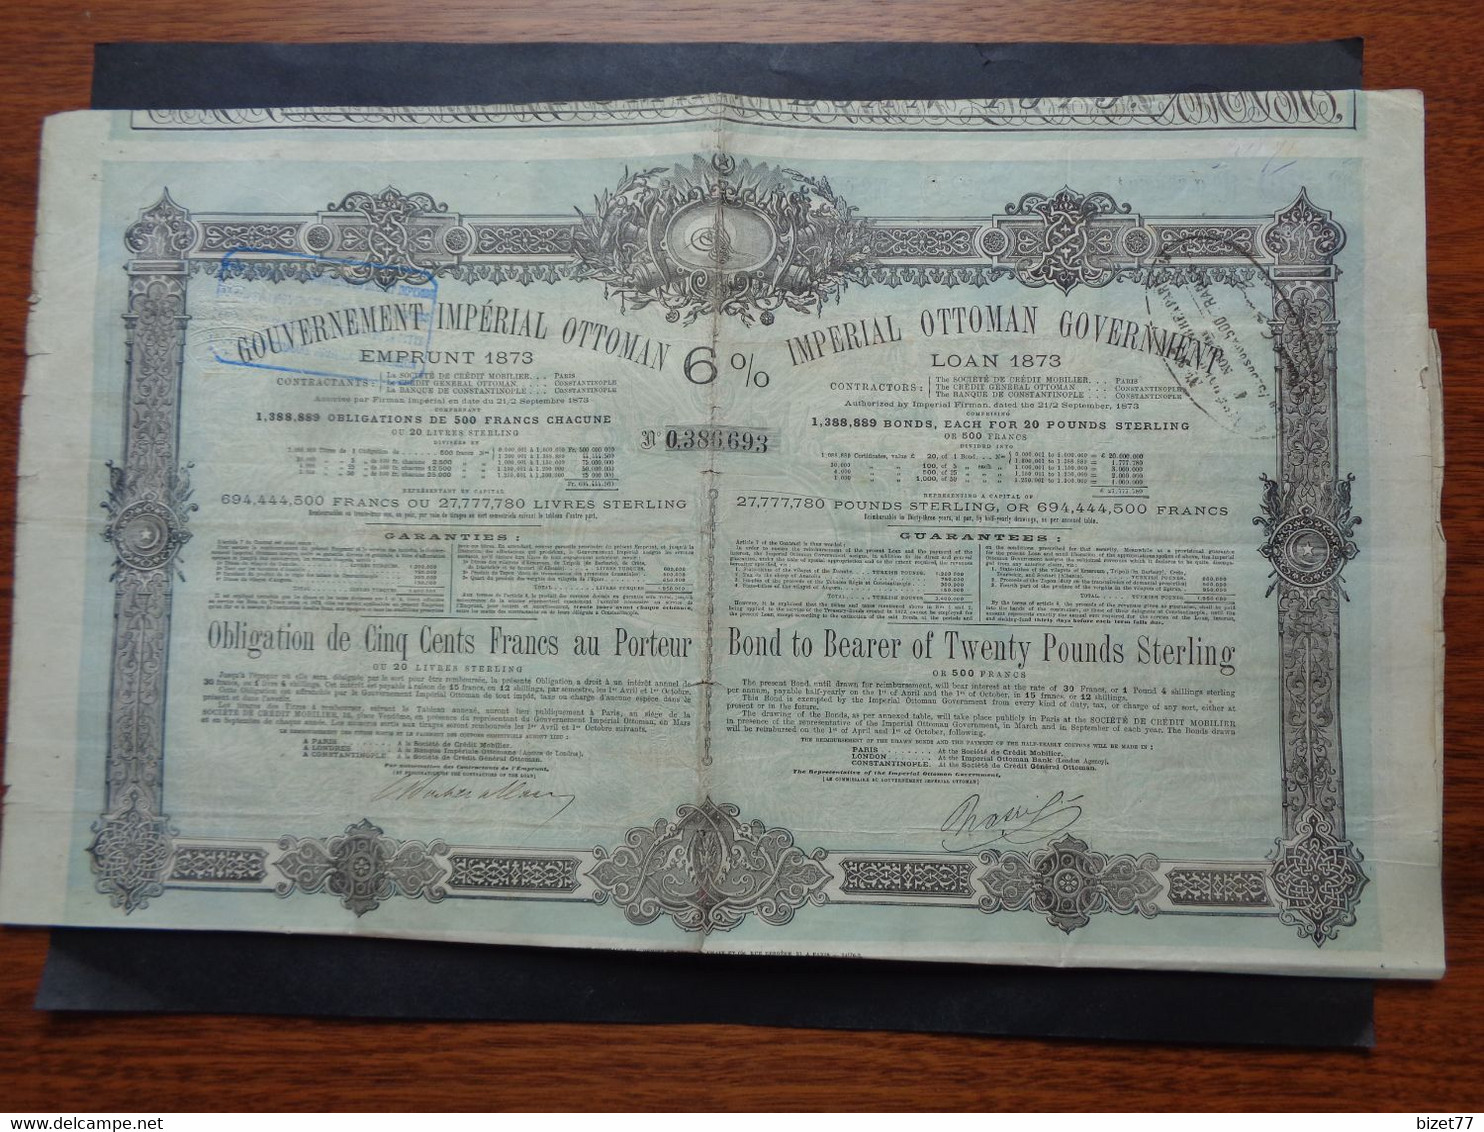 TURQUIE - GOUVERNEMENT IMPERIAL OTTOMAN, EMPRUNT 1873 - OBLIGATION 500 FRS - ETAT MOYEN, VOIR SCAN - Unclassified